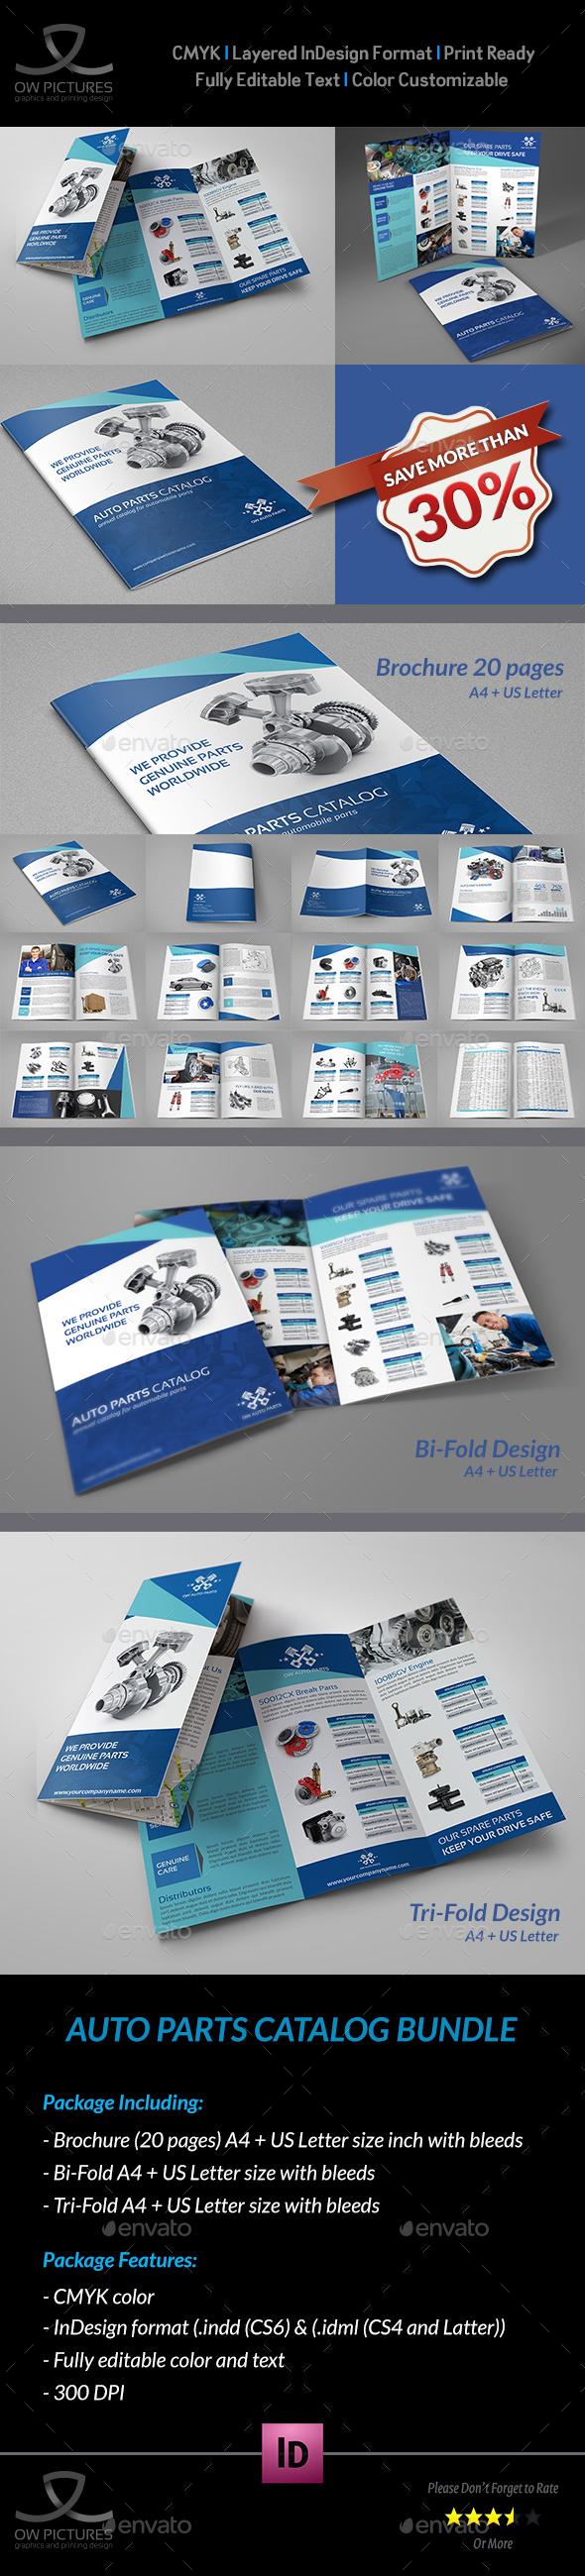 Auto Parts Catalog Brochure Bundle Template - Catalogs Brochures